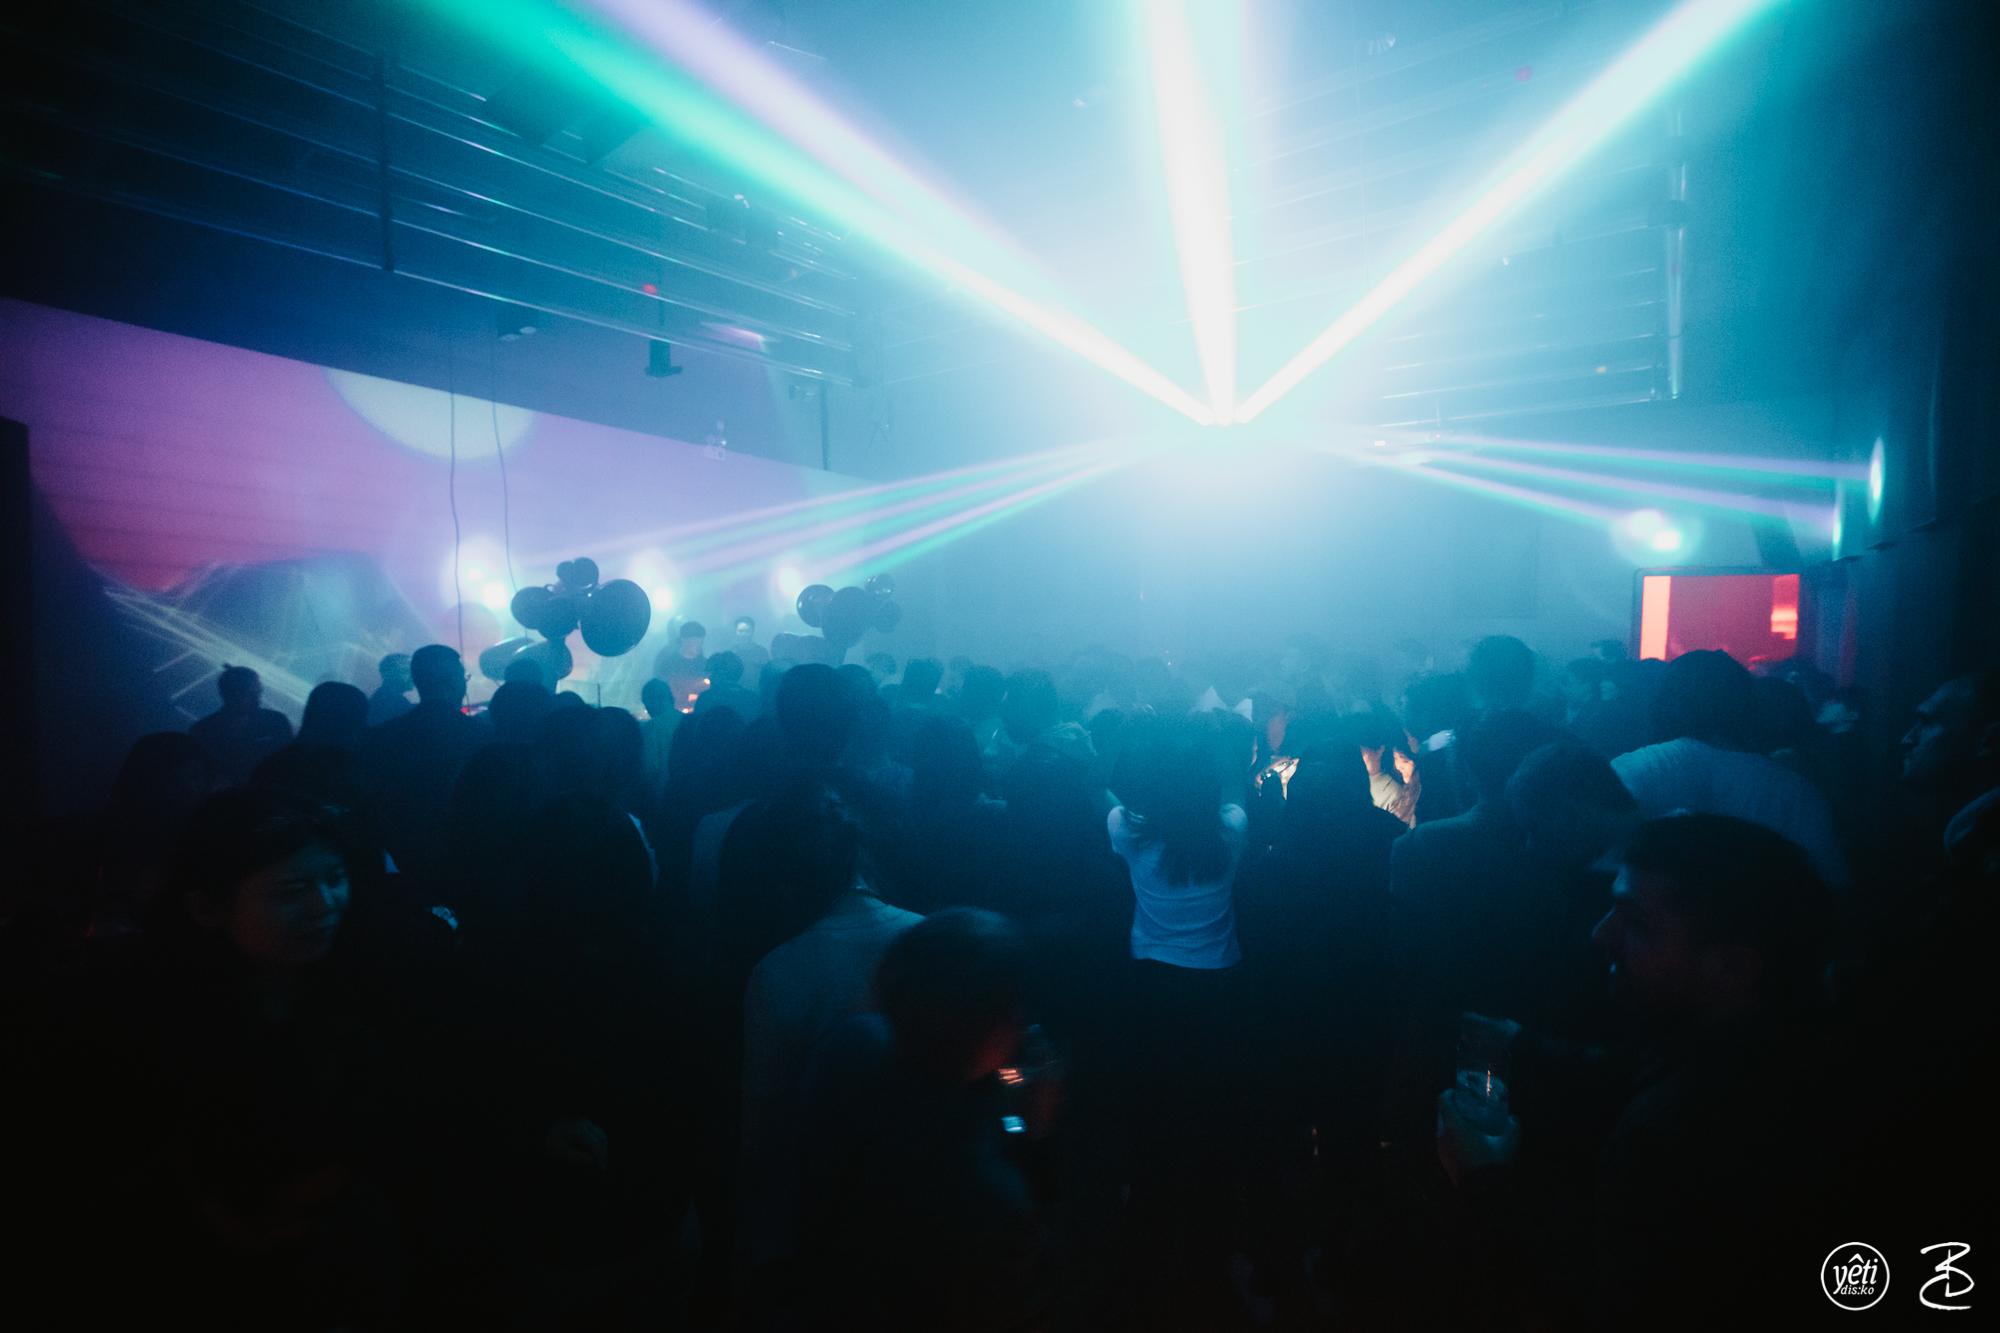 spring-yeti-rainbow-disco-club-44kw-shanghai